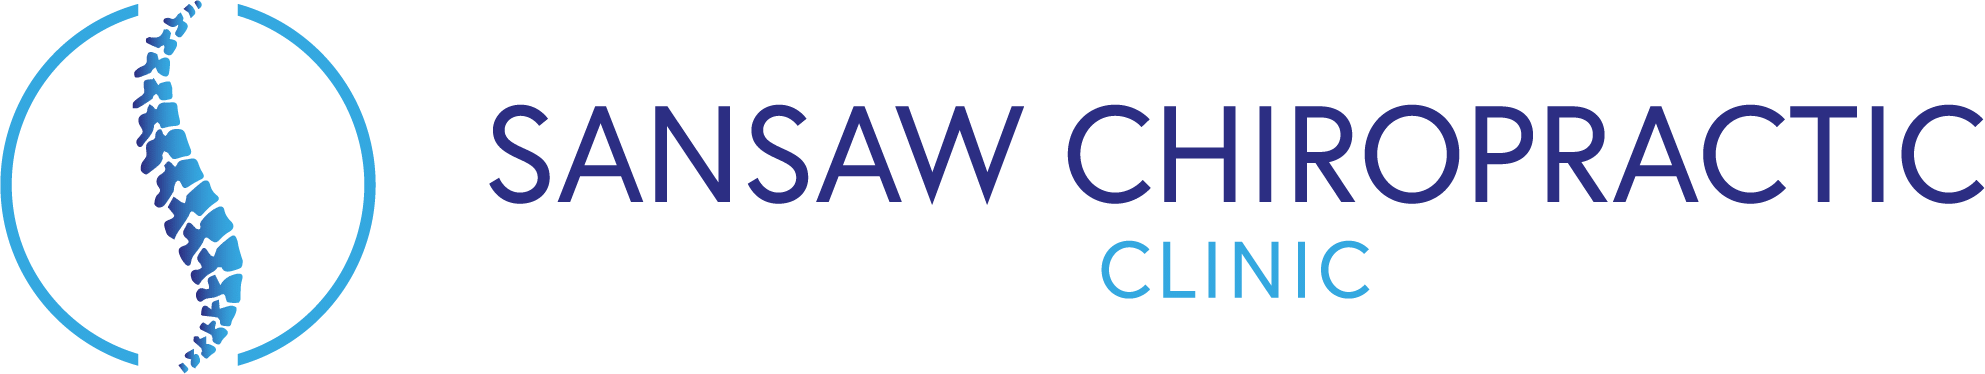 Sansaw Chiropractic Clinic | Chiropractor near Shrewsbury